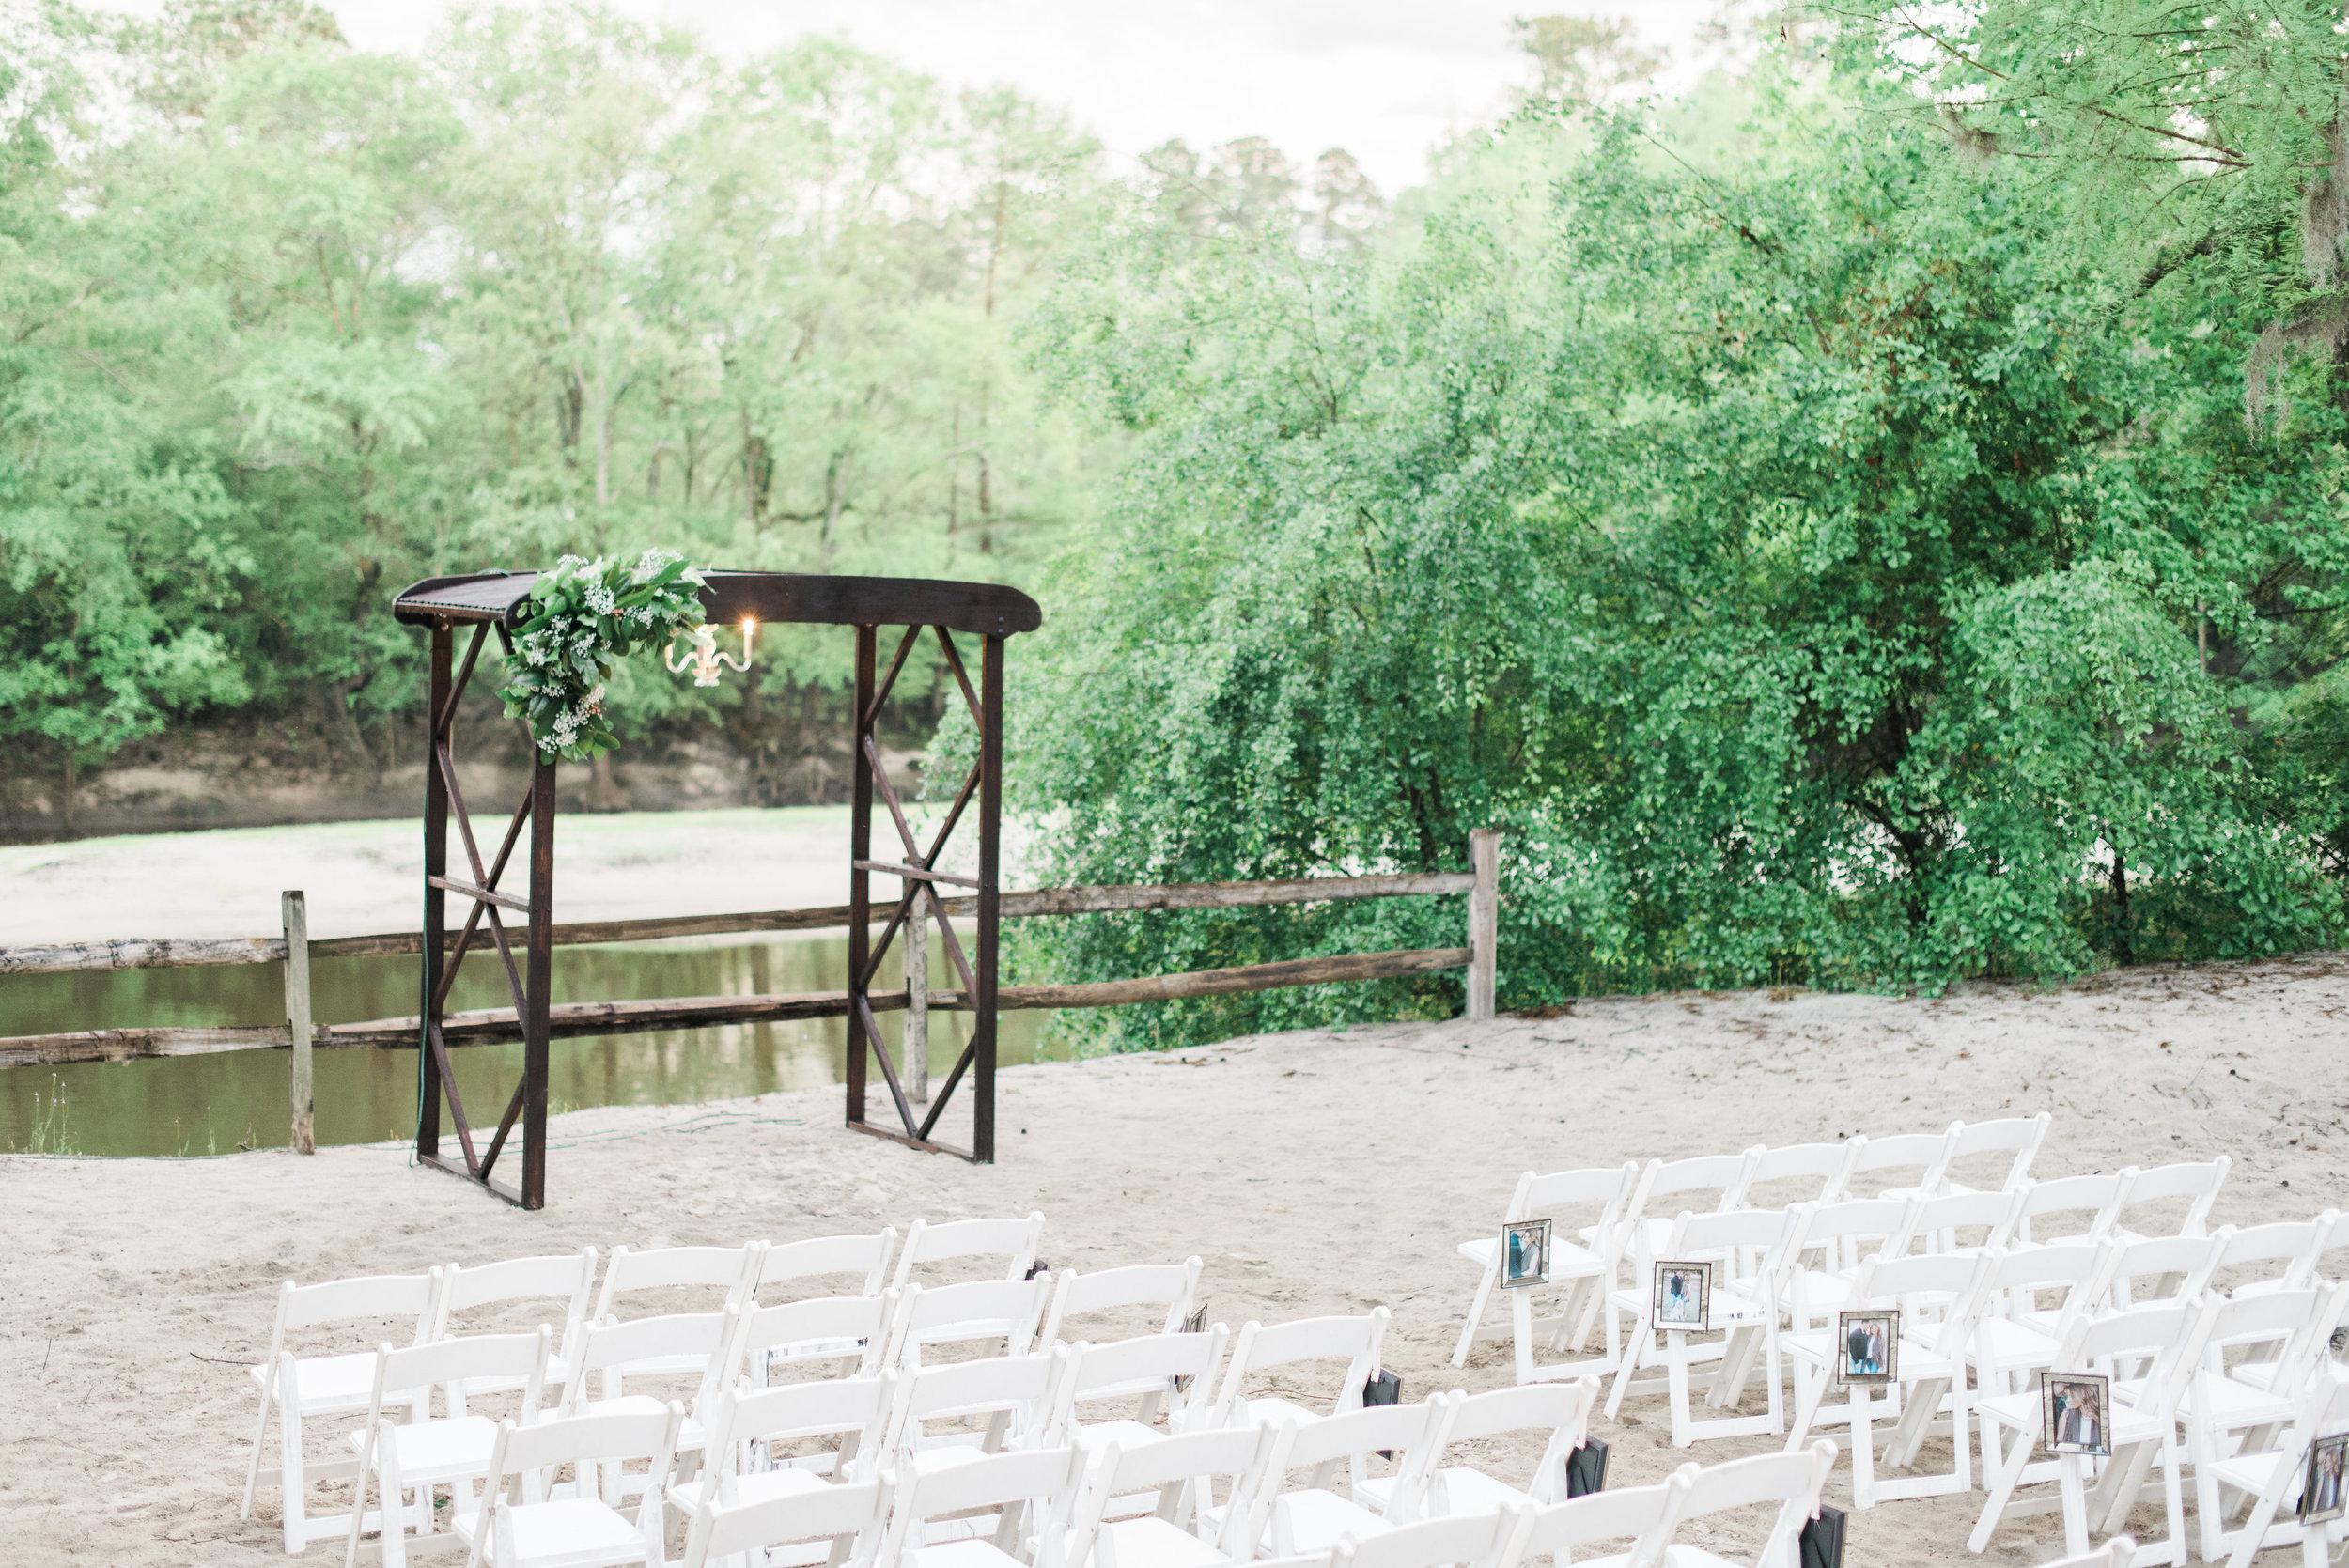 mad-boar-wallace-river-lodge-outdoor-wedding-venue.jpg